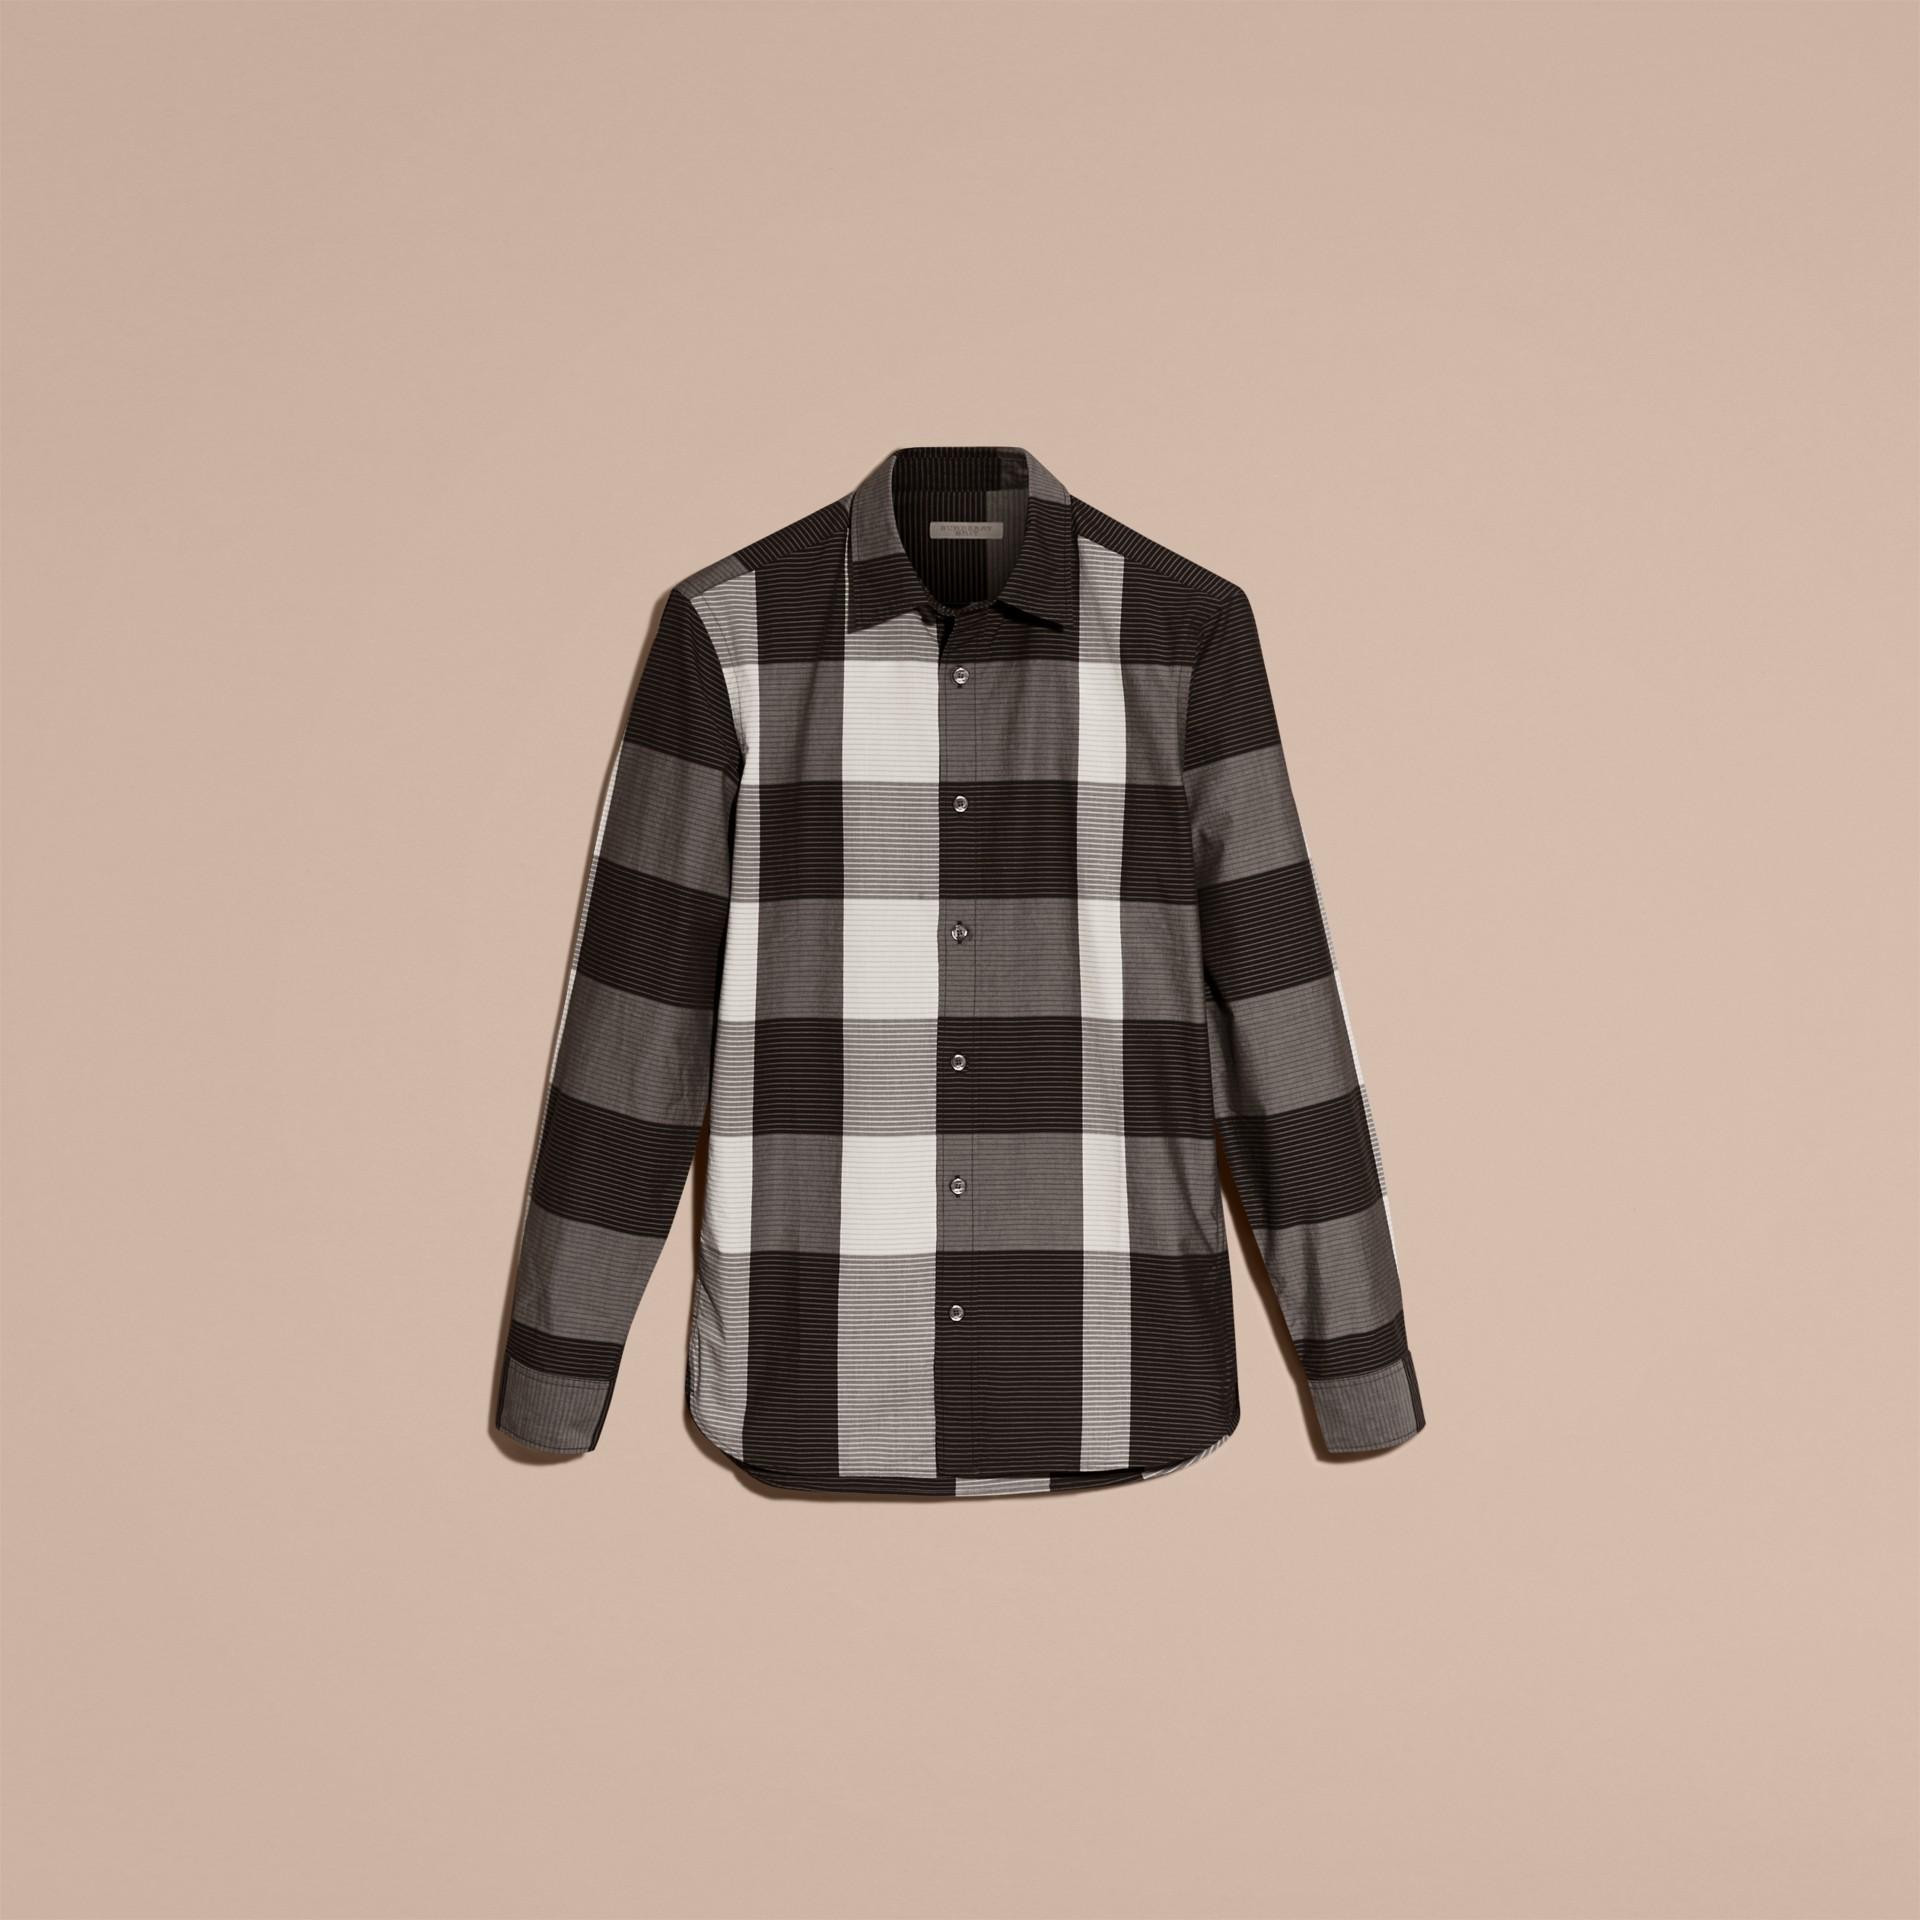 Schwarz Baumwollhemd mit grafischem Check-Muster Schwarz - Galerie-Bild 4